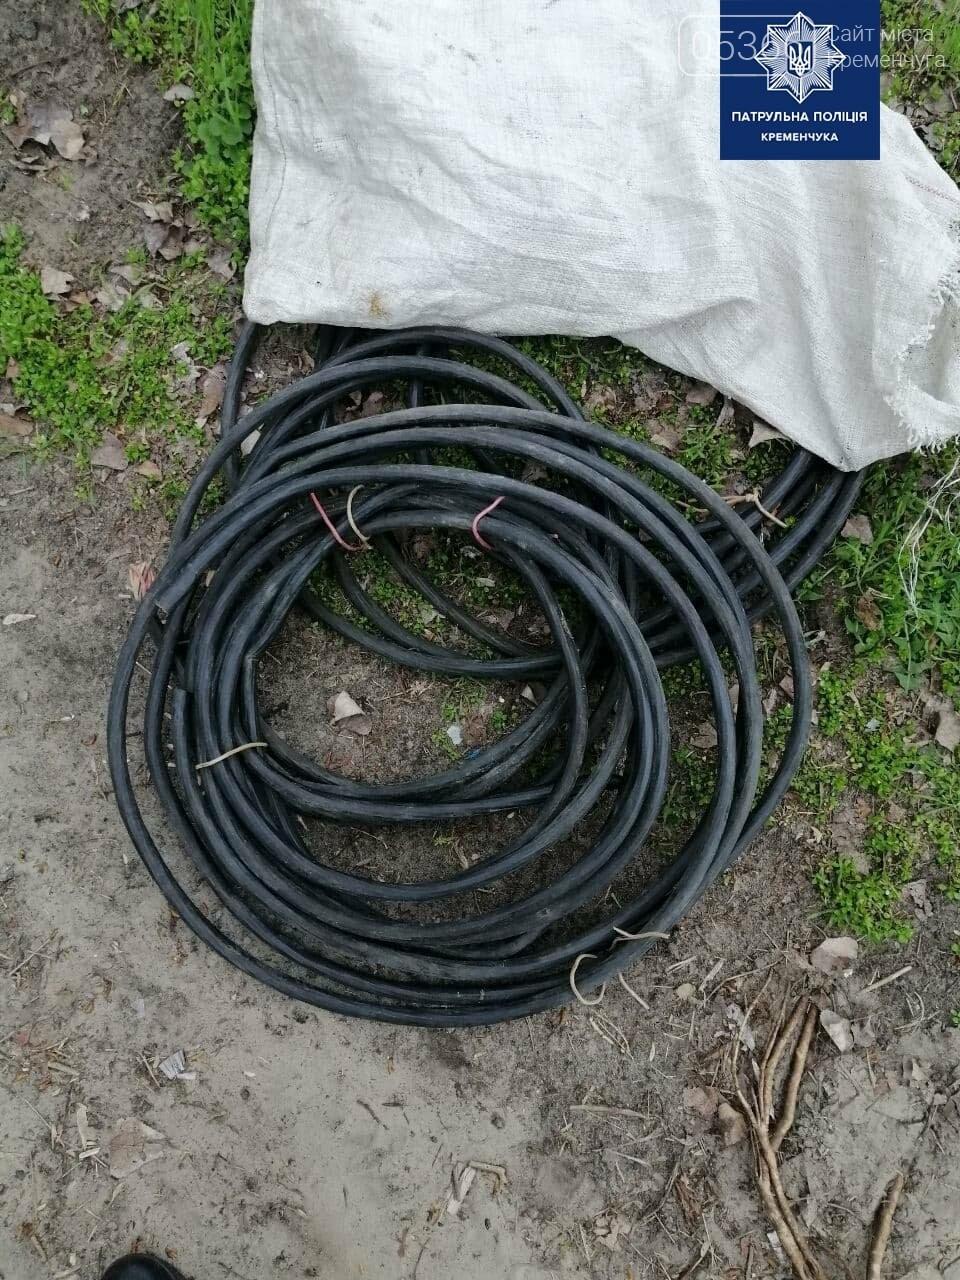 У Кременчуці патрульні зупинили чоловіка з комунікаційними кабелями, фото-1